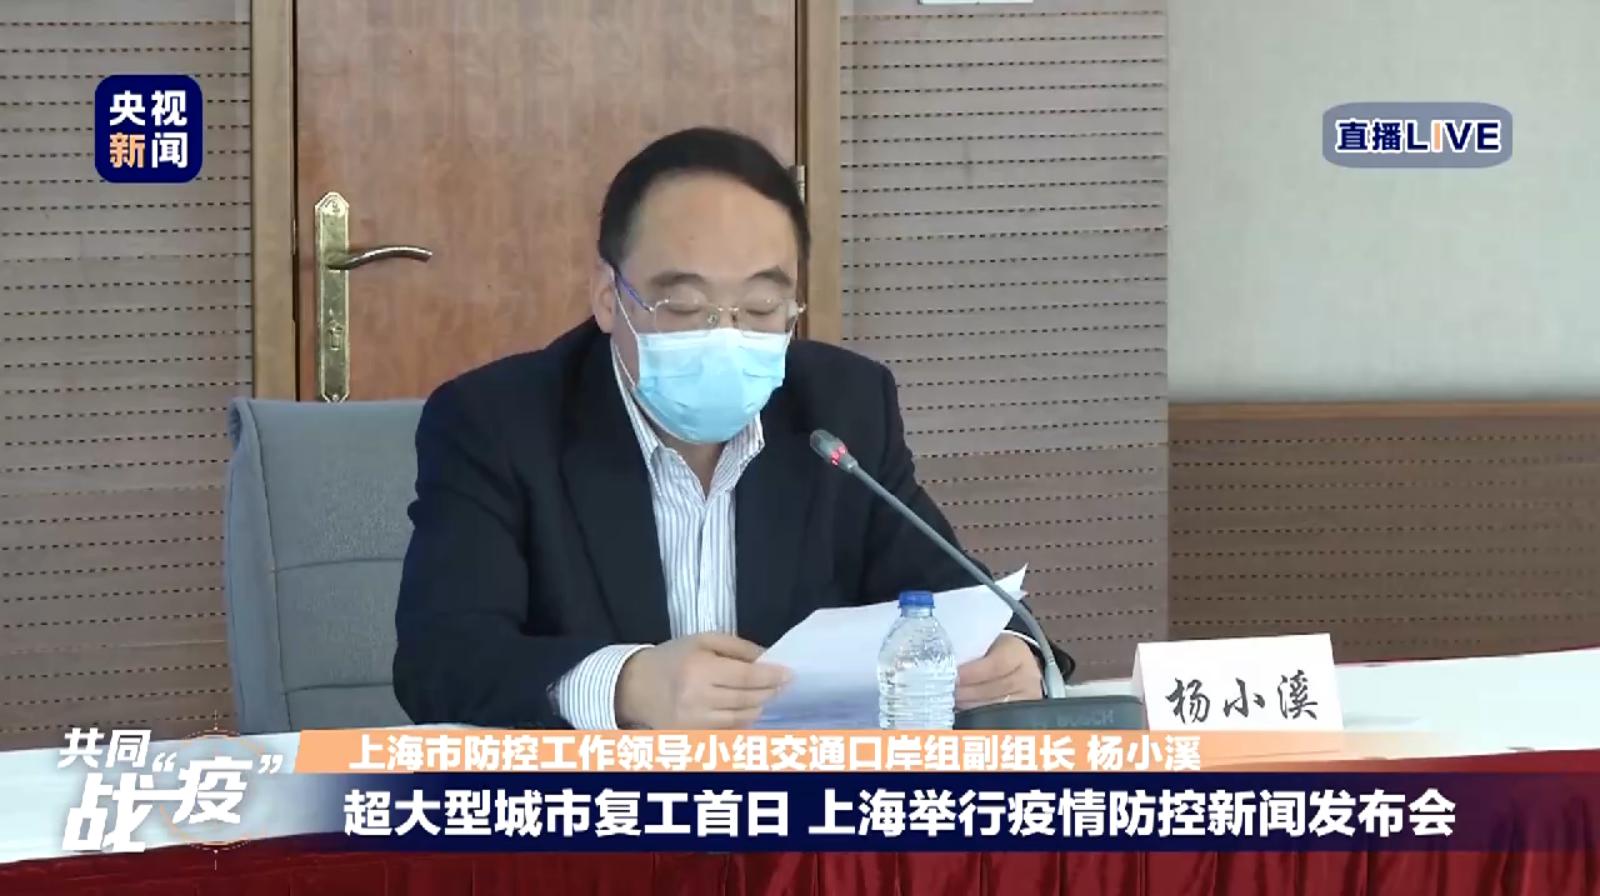 上海市交通委副主任:无居住地、无明确工作人员暂缓入沪